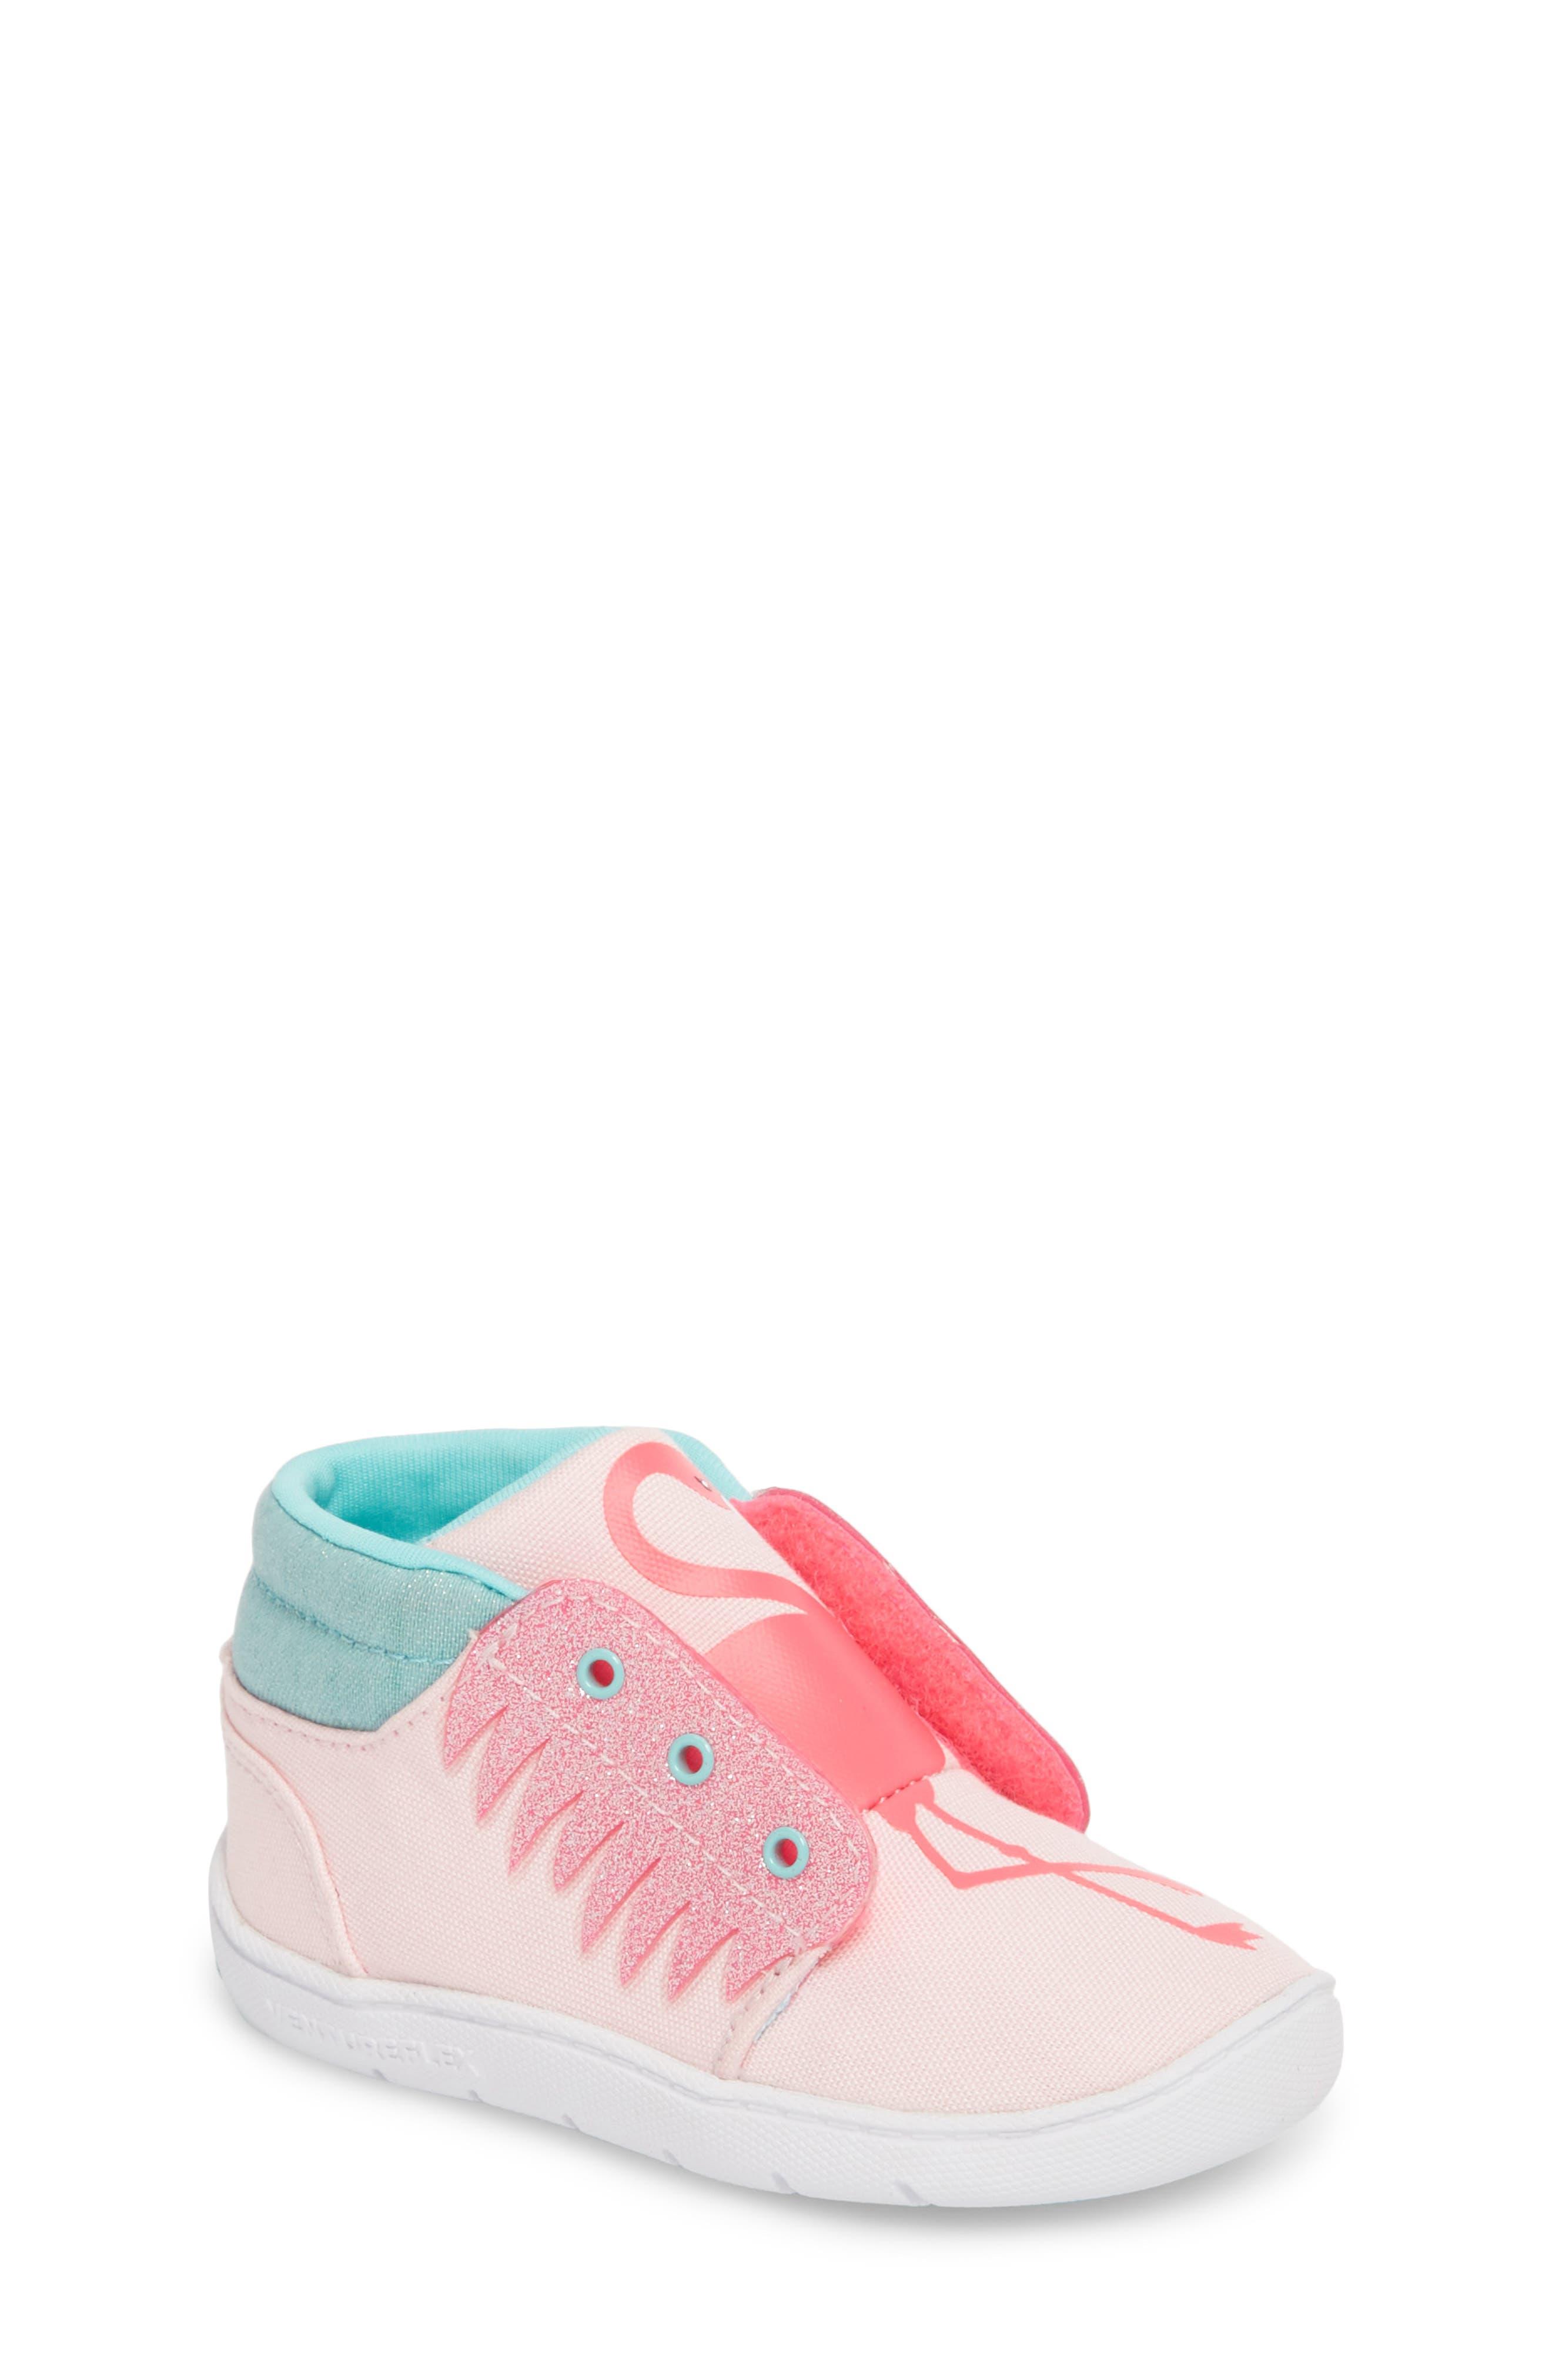 Ventureflex High Top Critter Sneaker,                             Main thumbnail 2, color,